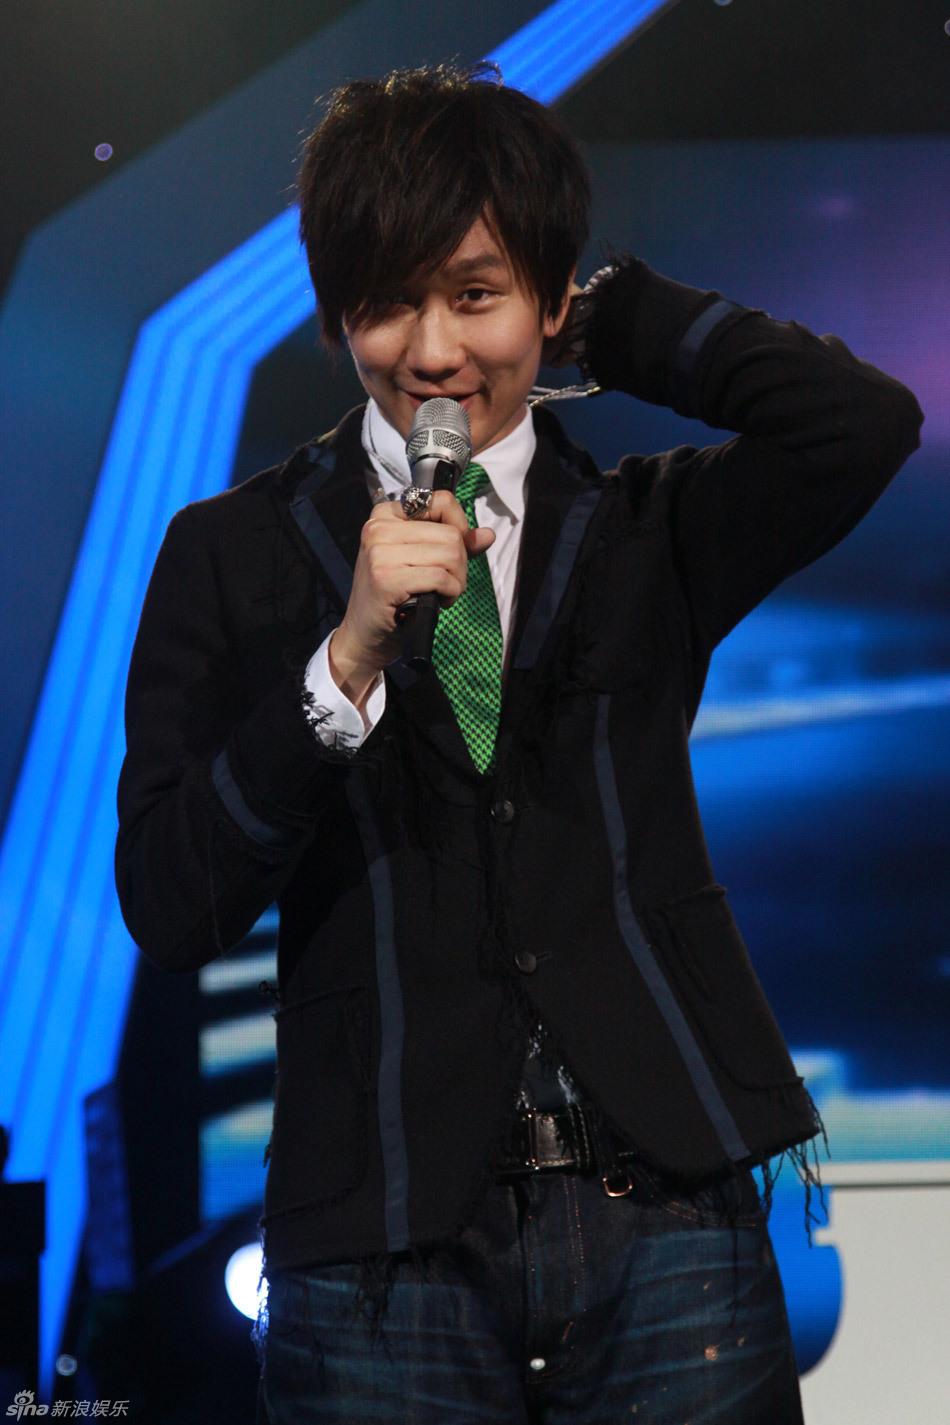 林俊杰表情可爱